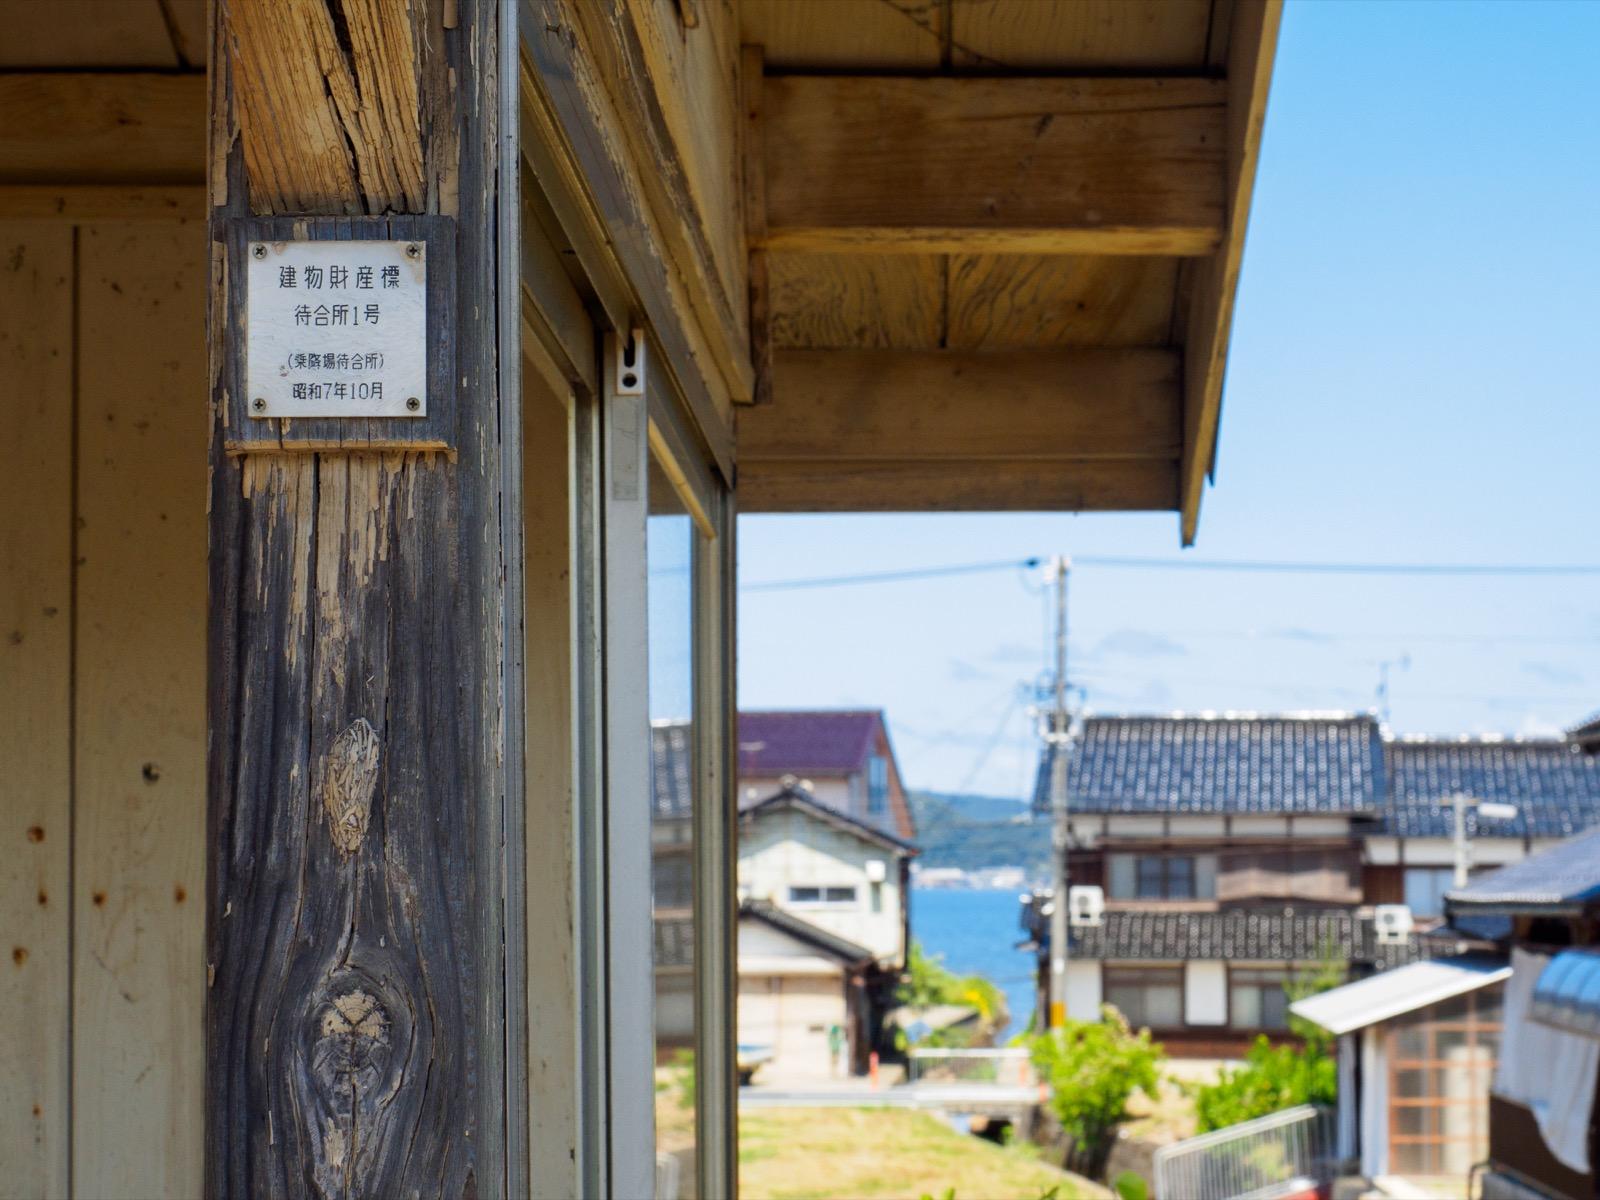 小天橋駅の待合室